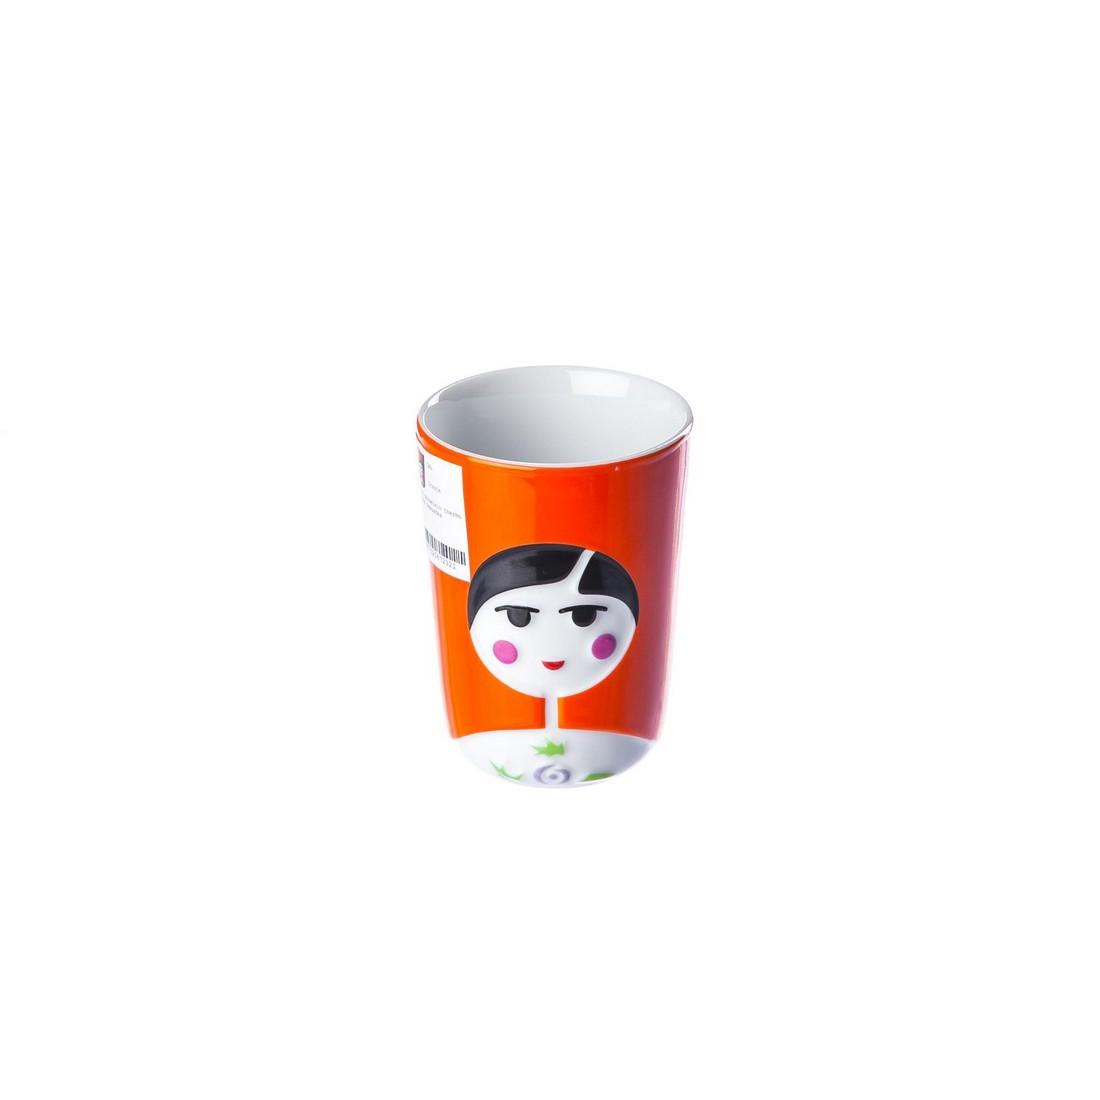 Thermobecher 3D-Tasse Babuschka – Porzellan – Orange, Qdo jetzt bestellen